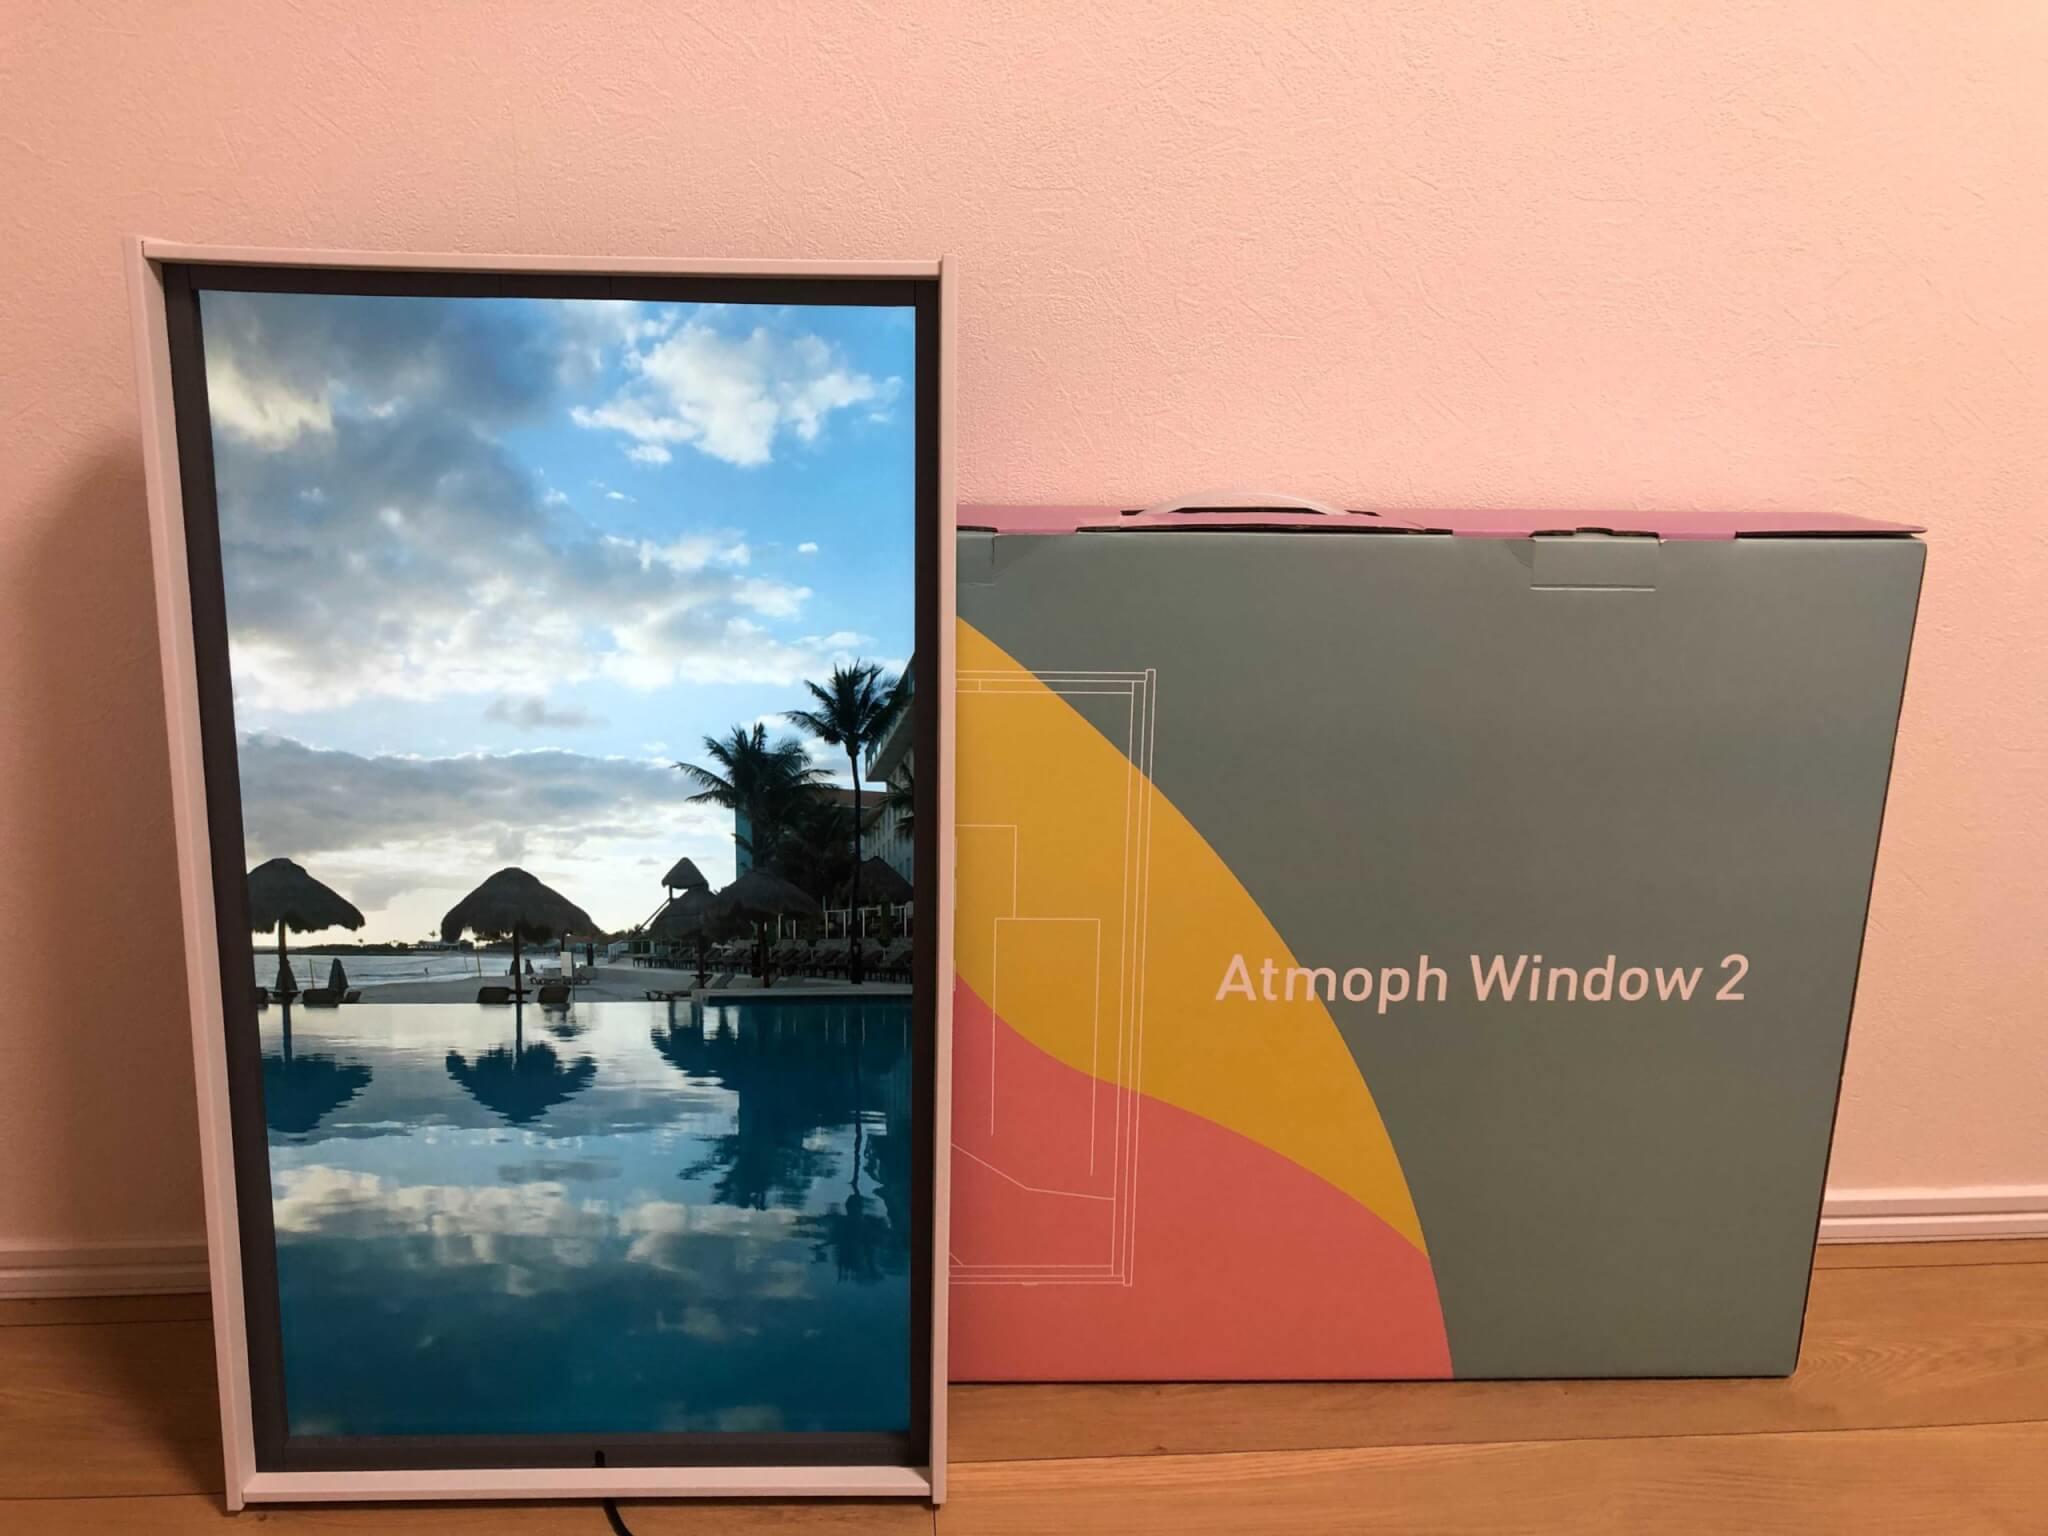 Atmoph Window 2を体験レビュー!窓から見る風景は絶景だった